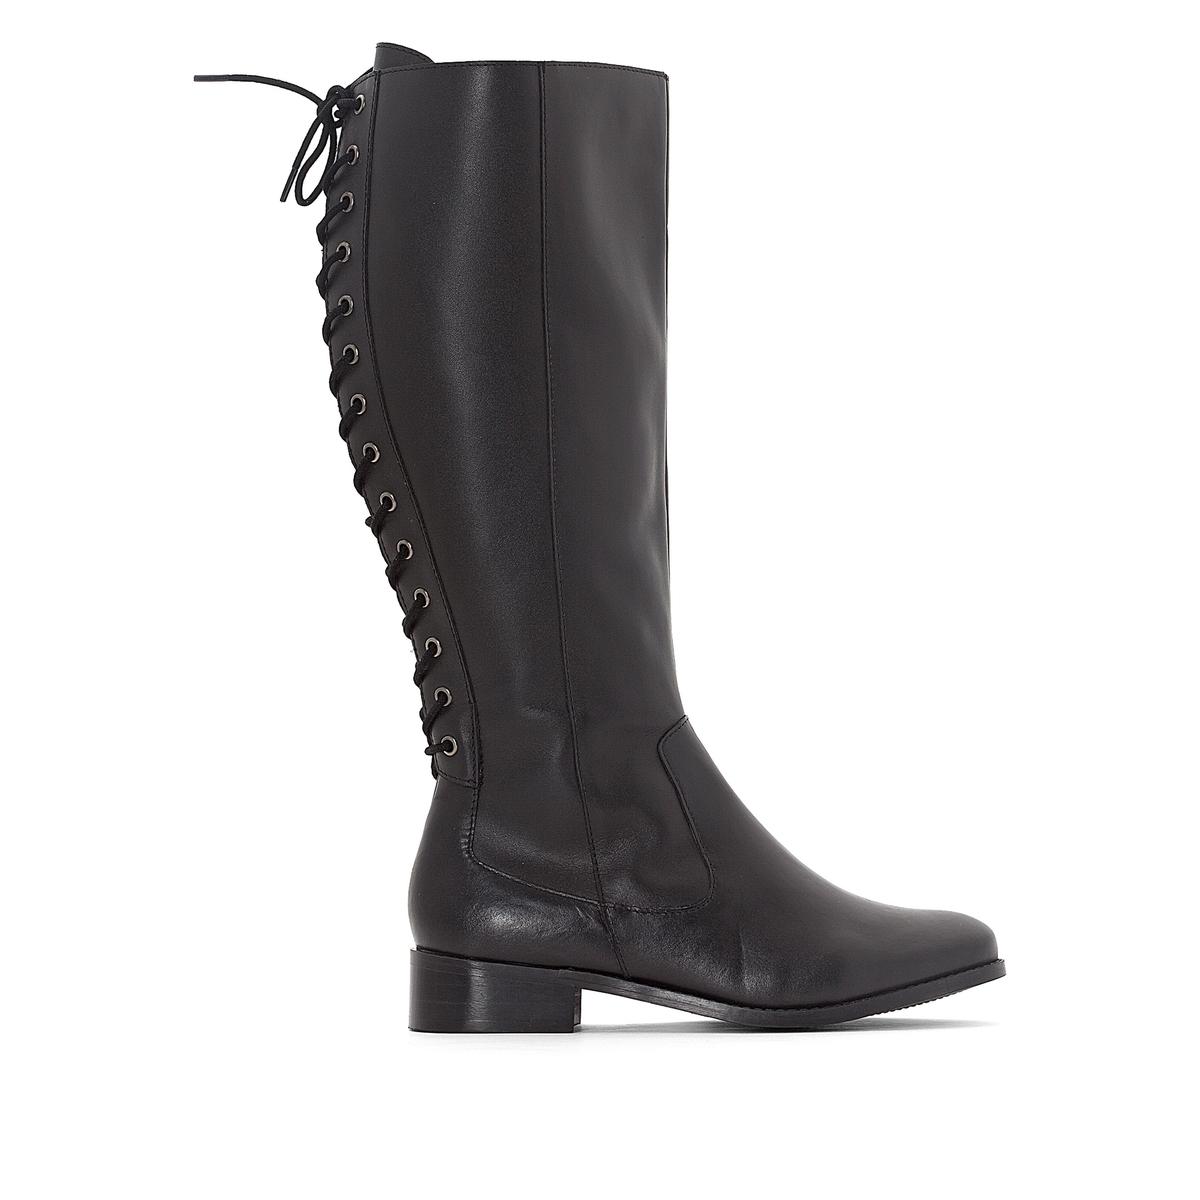 Сапоги кожаные на шнуровке сзади для широкой стопы 38-45